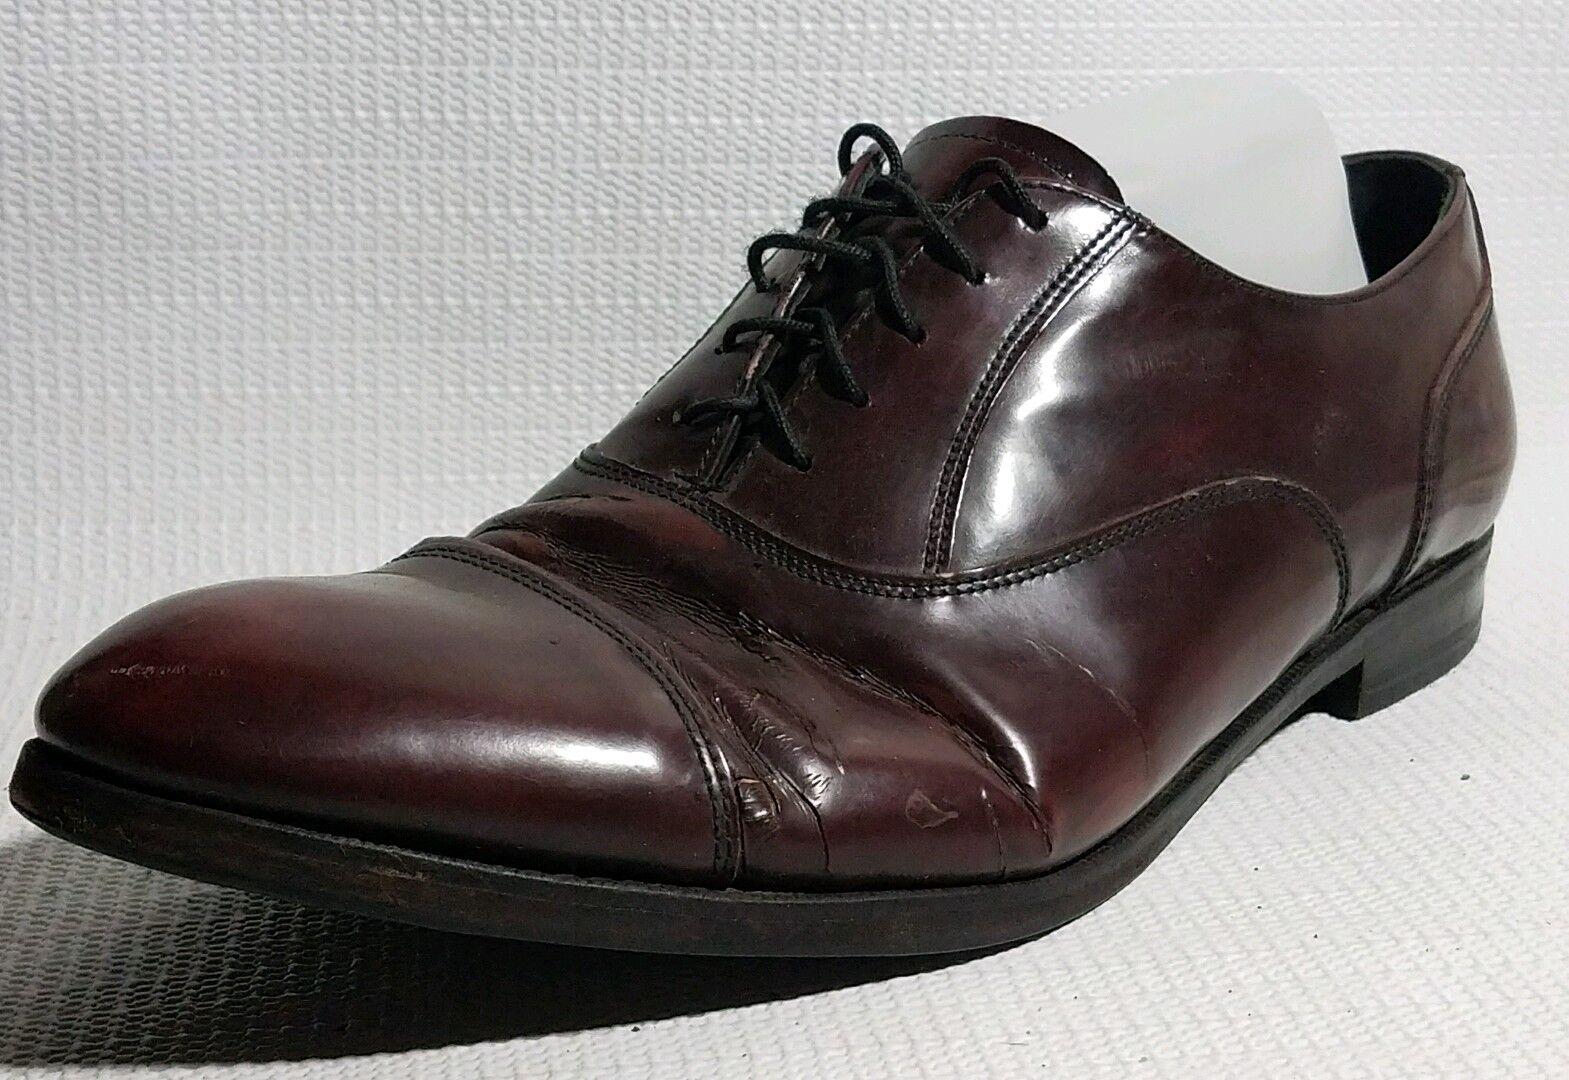 FLORSHEIM Cap Toe Oxford Burgundy Leather Mens 12 D Med Dress shoes 30386 Career